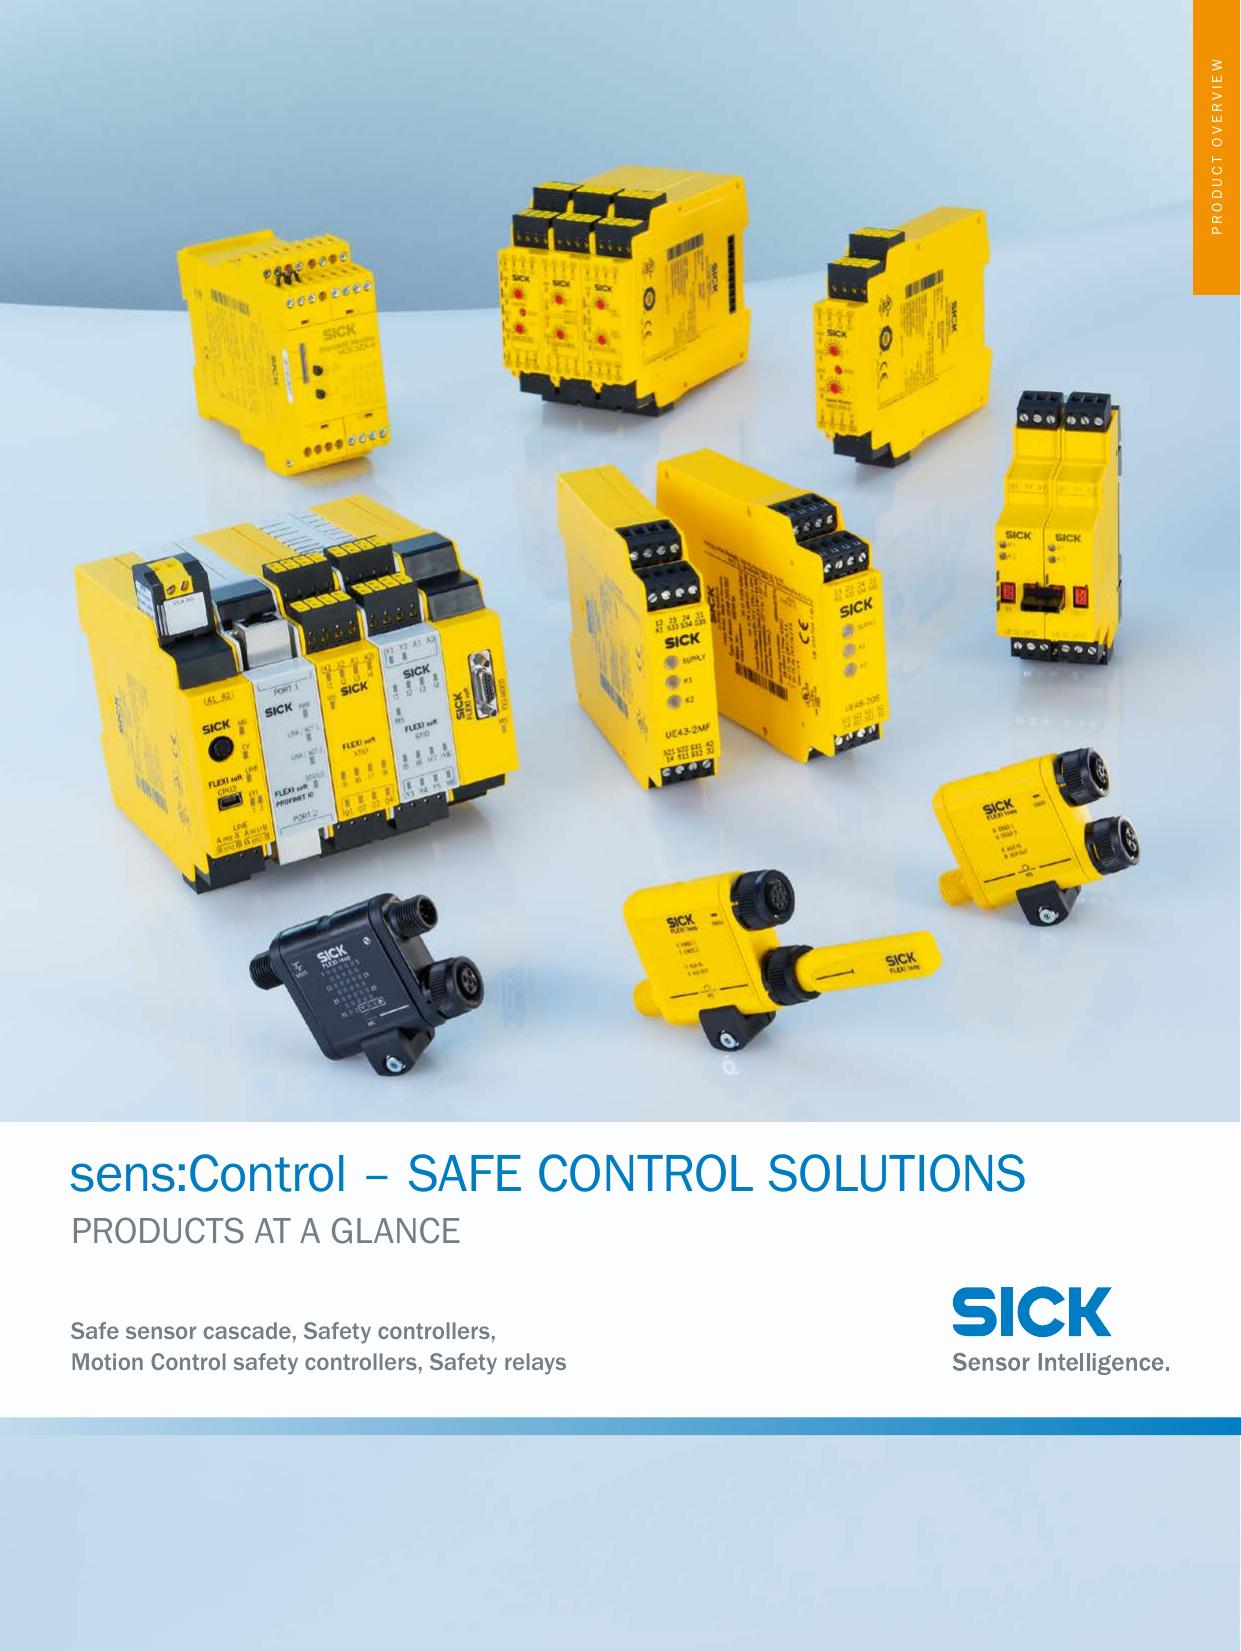 sens Control SAFE CONTROL SOLUTIONS